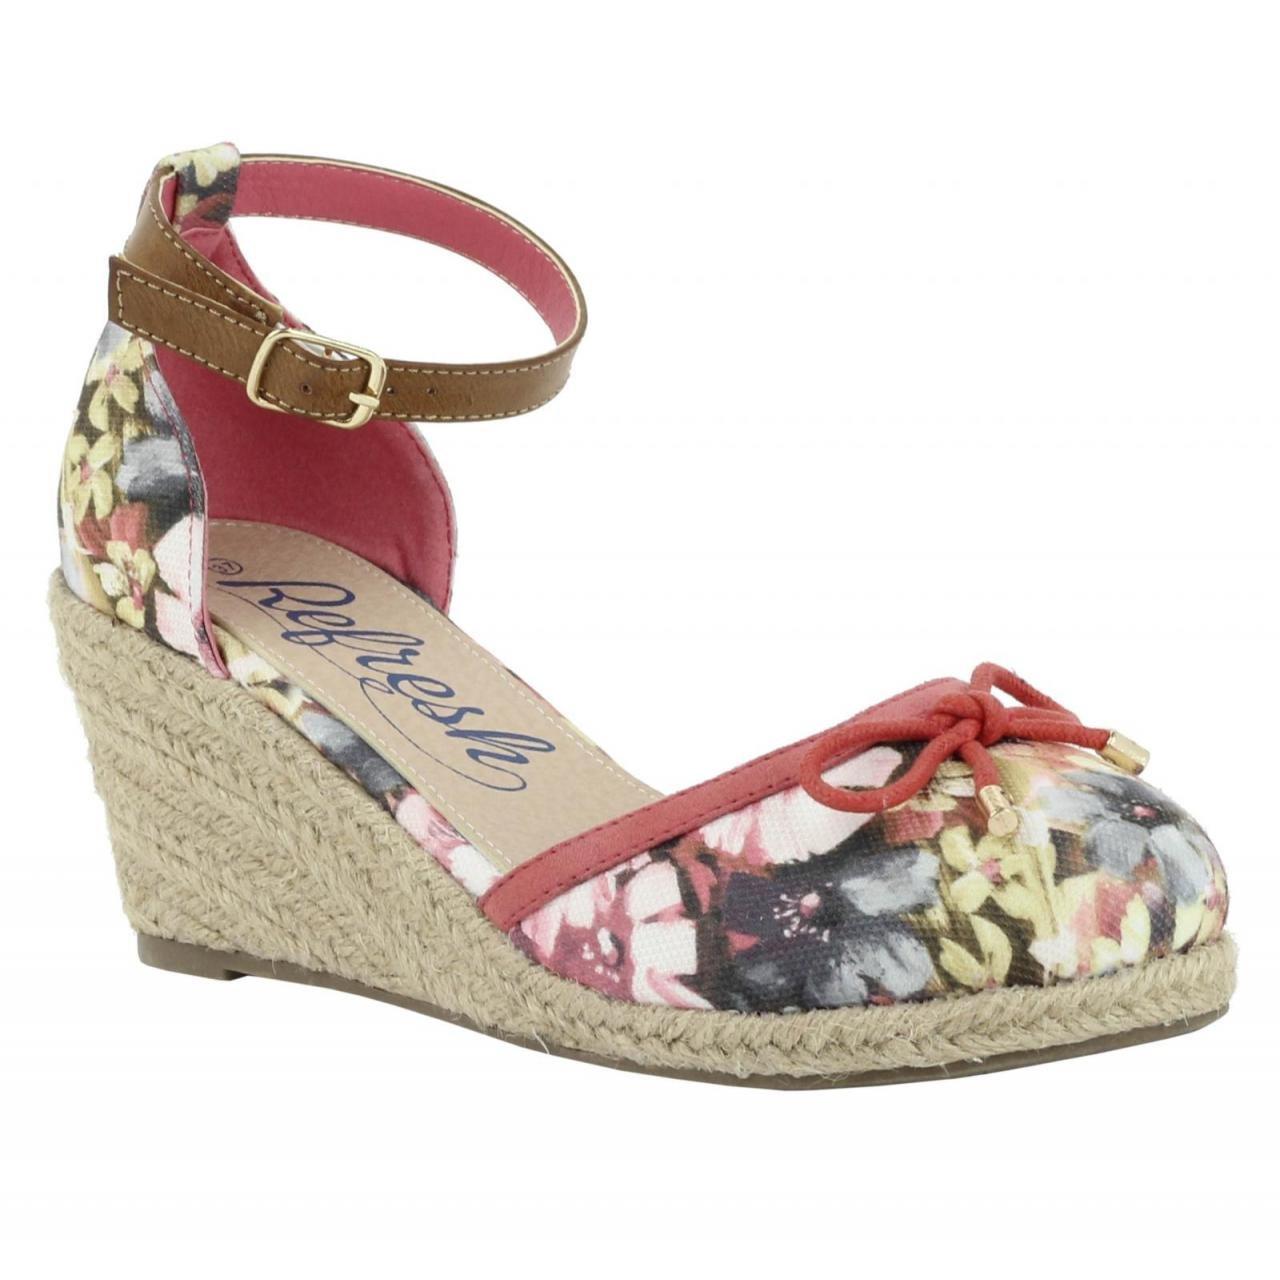 Refresh Schuhe Keilabsatz - für Damen 61791 TEXF Coral - Keilabsatz 24cbd8